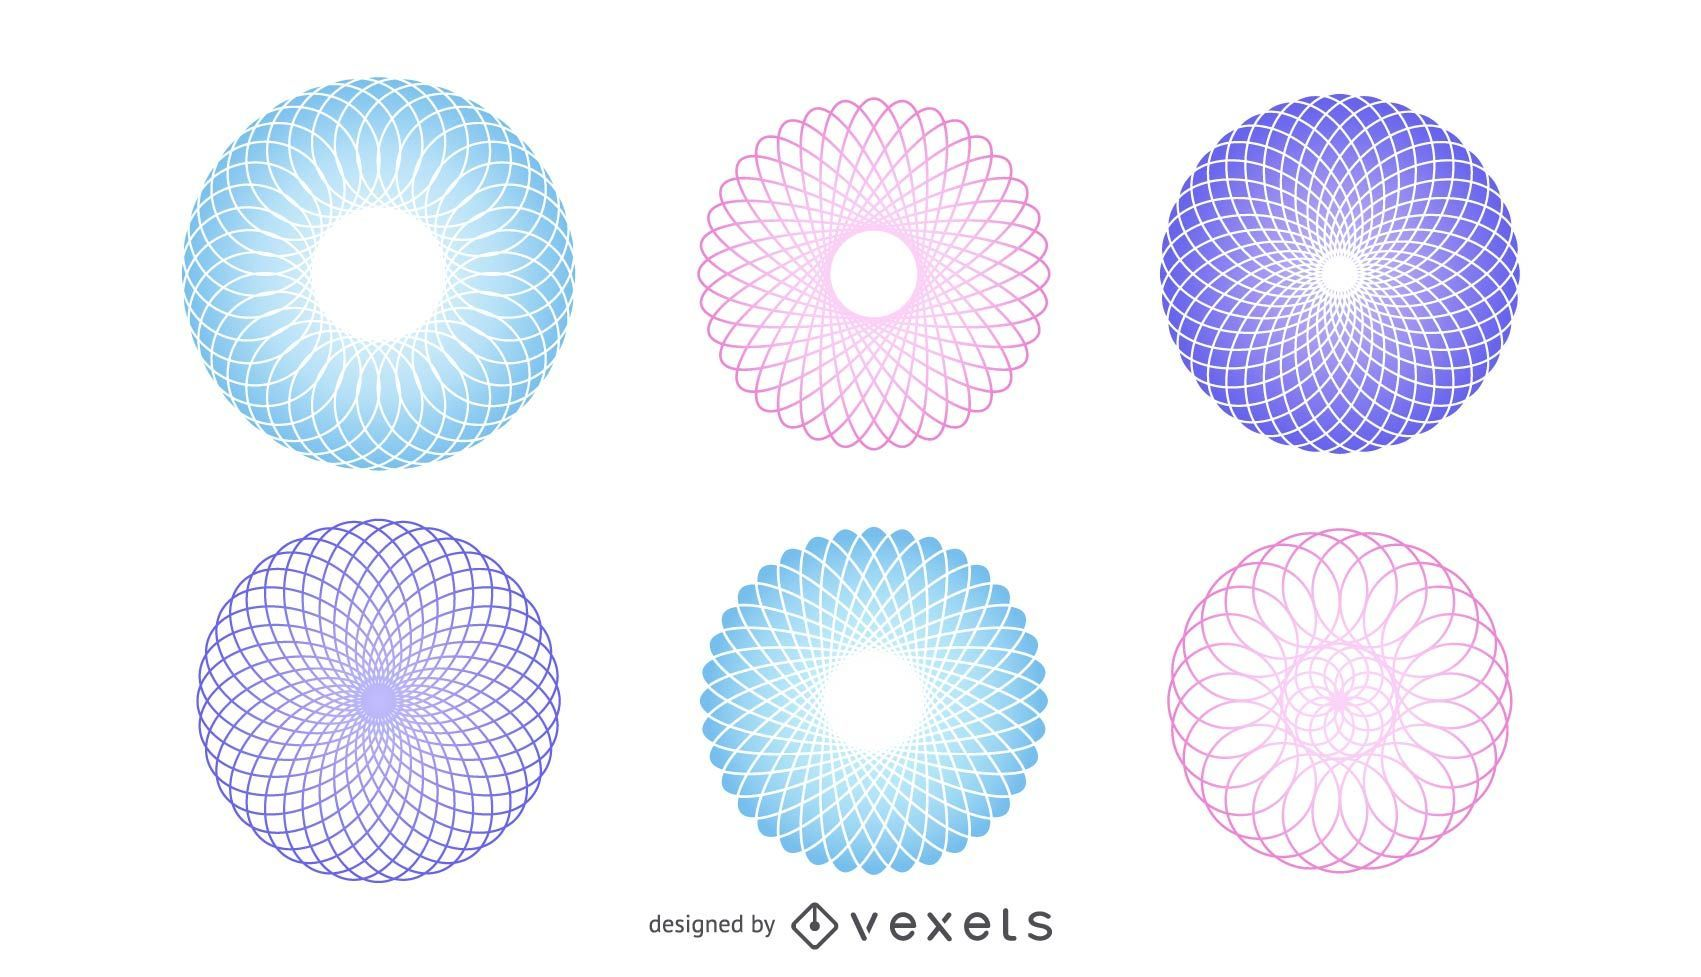 Polygonal Spheres Vector